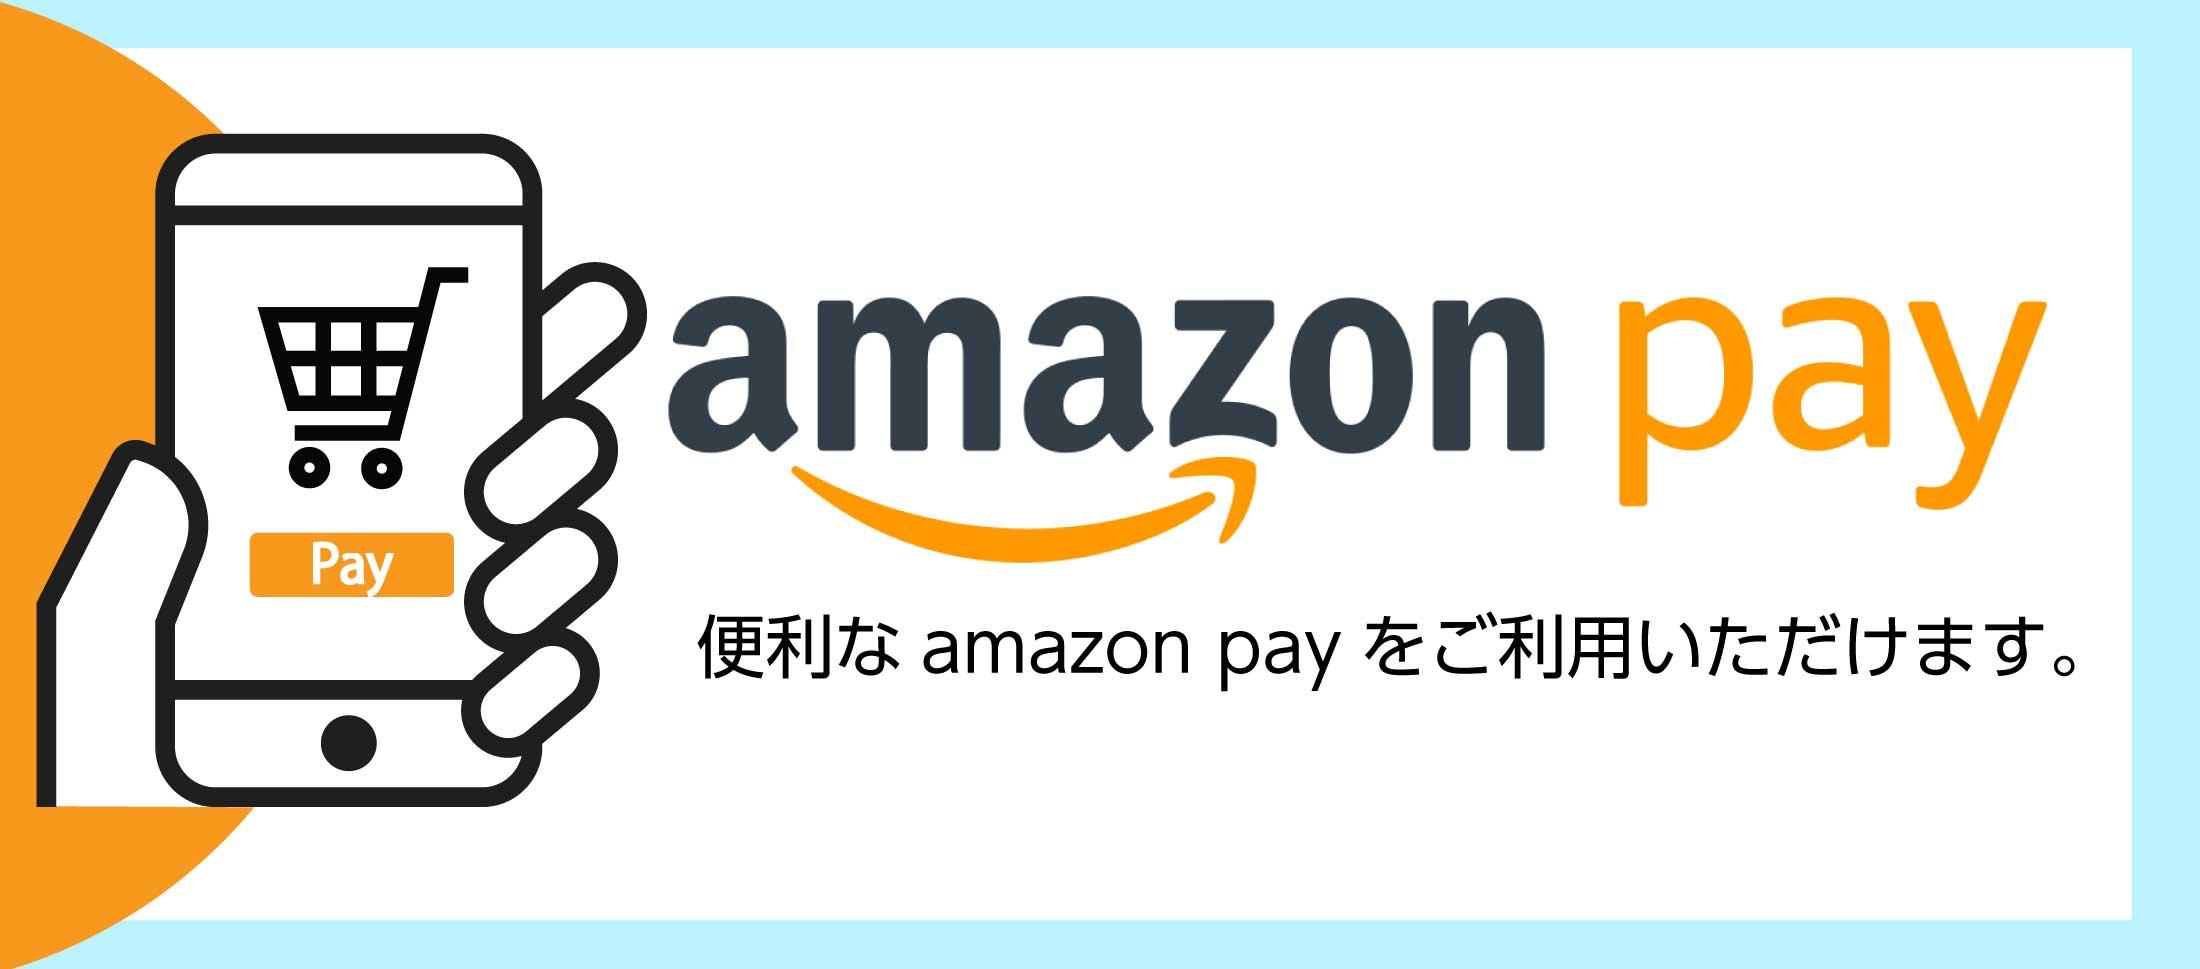 AmazonPay ご利用いただけます ハム ギフト ボーノポーク ハム通販 |ボーノポークハム工房瑞浪